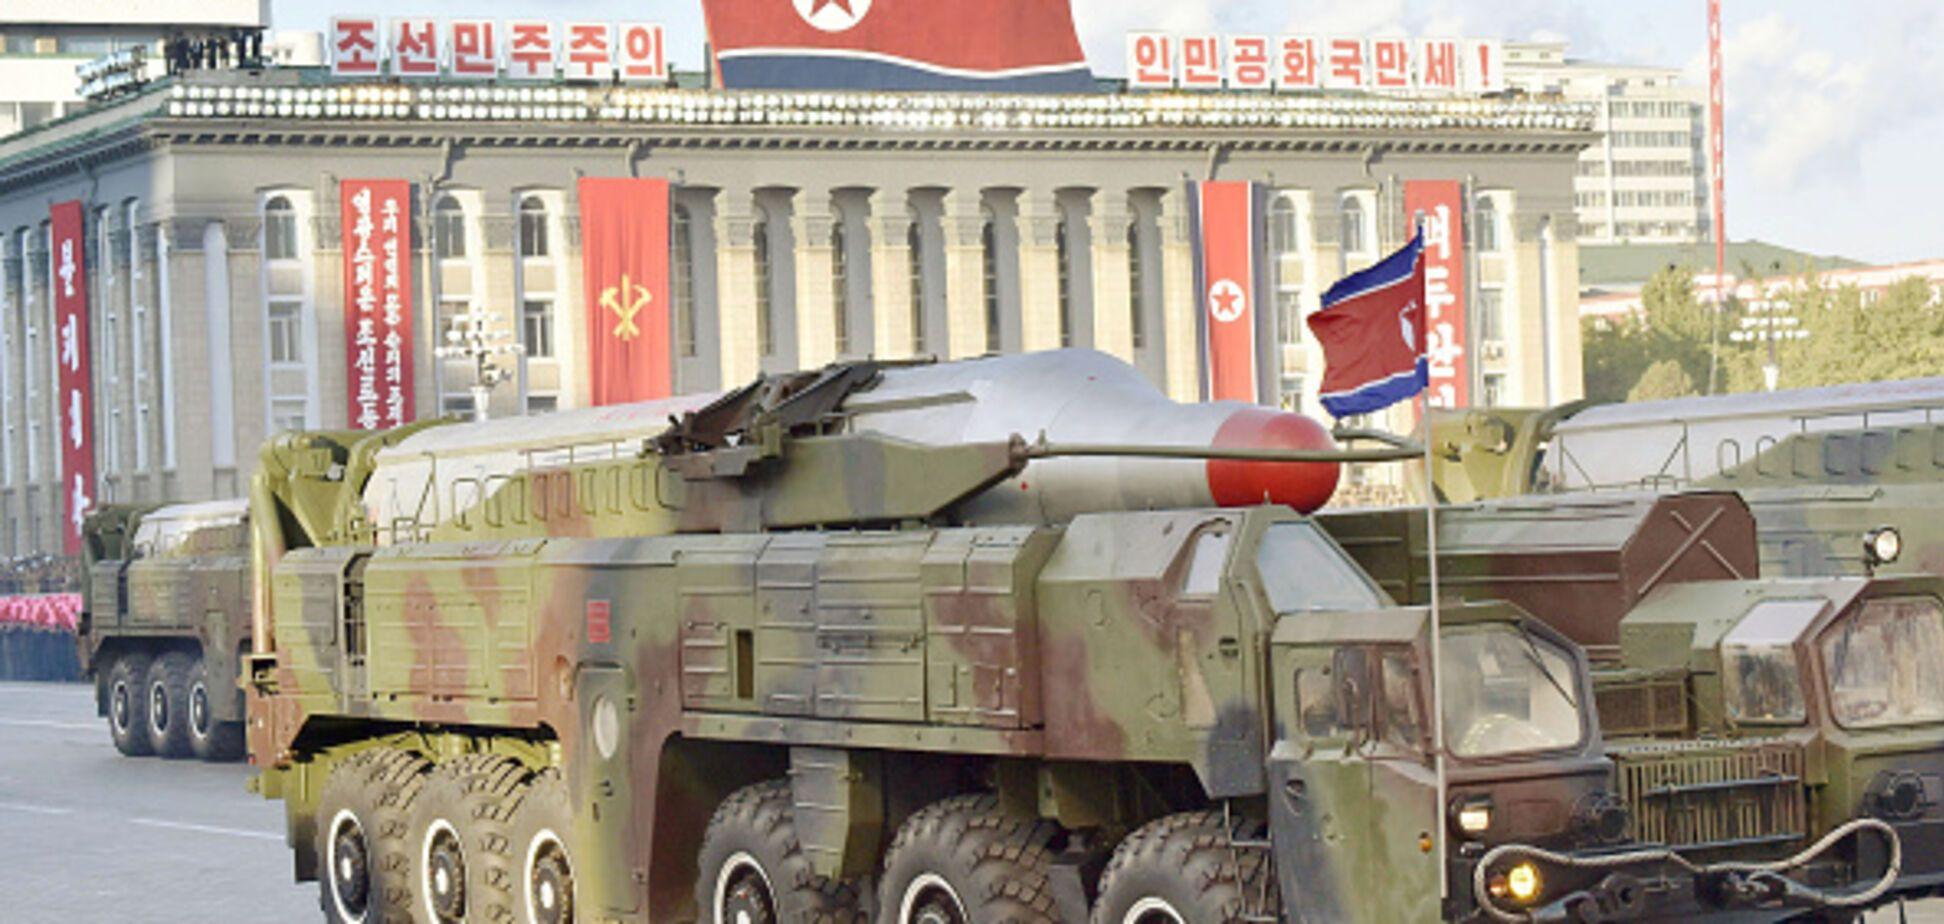 Україна вирішила наполягти на розслідуванні ядерного прориву КНДР в ООН